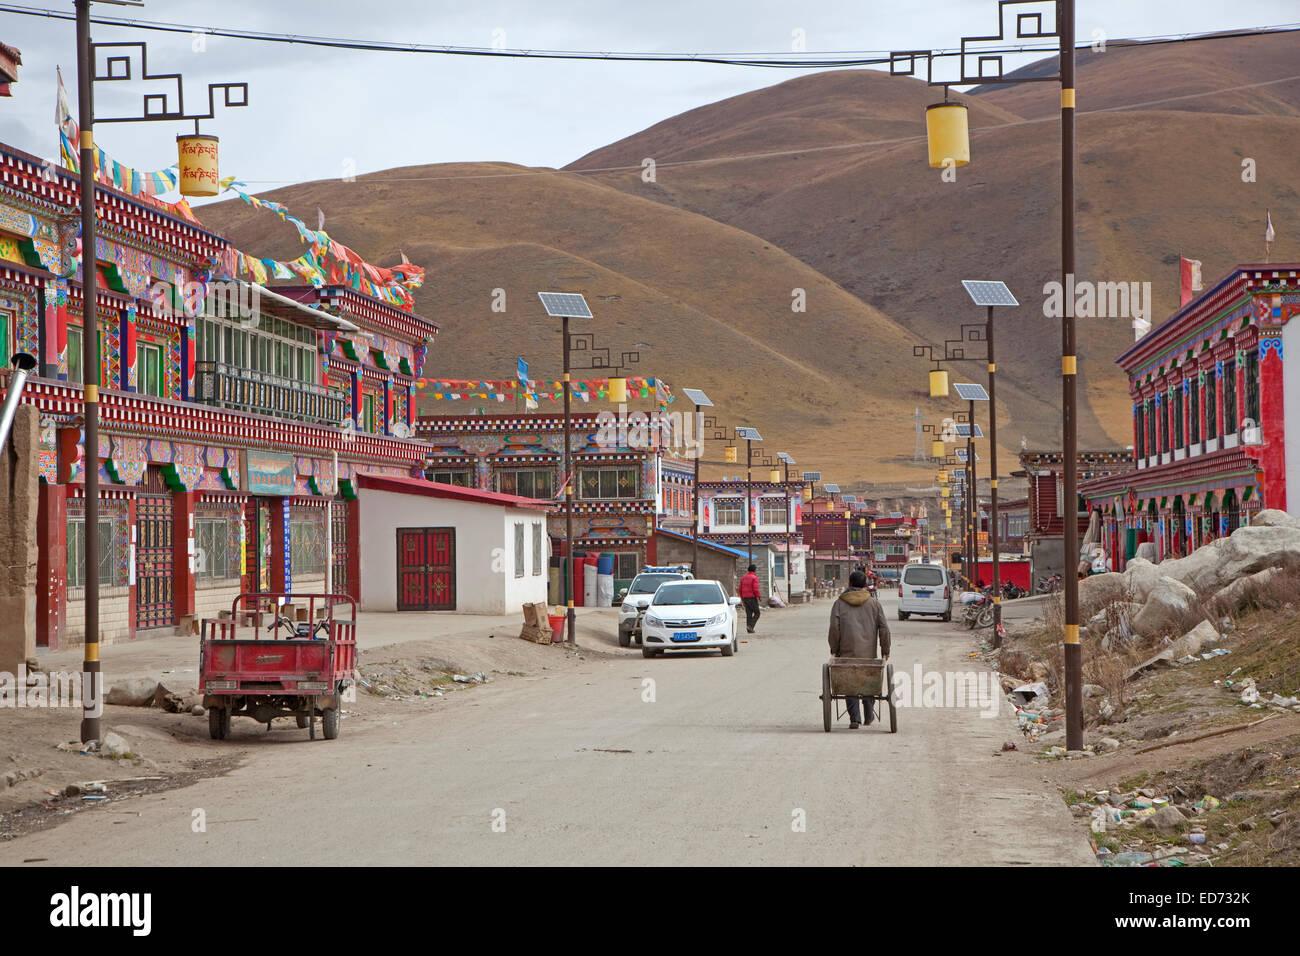 Los coloridos edificios en la aldea Zhuqing, provincia de Sichuan, China Imagen De Stock